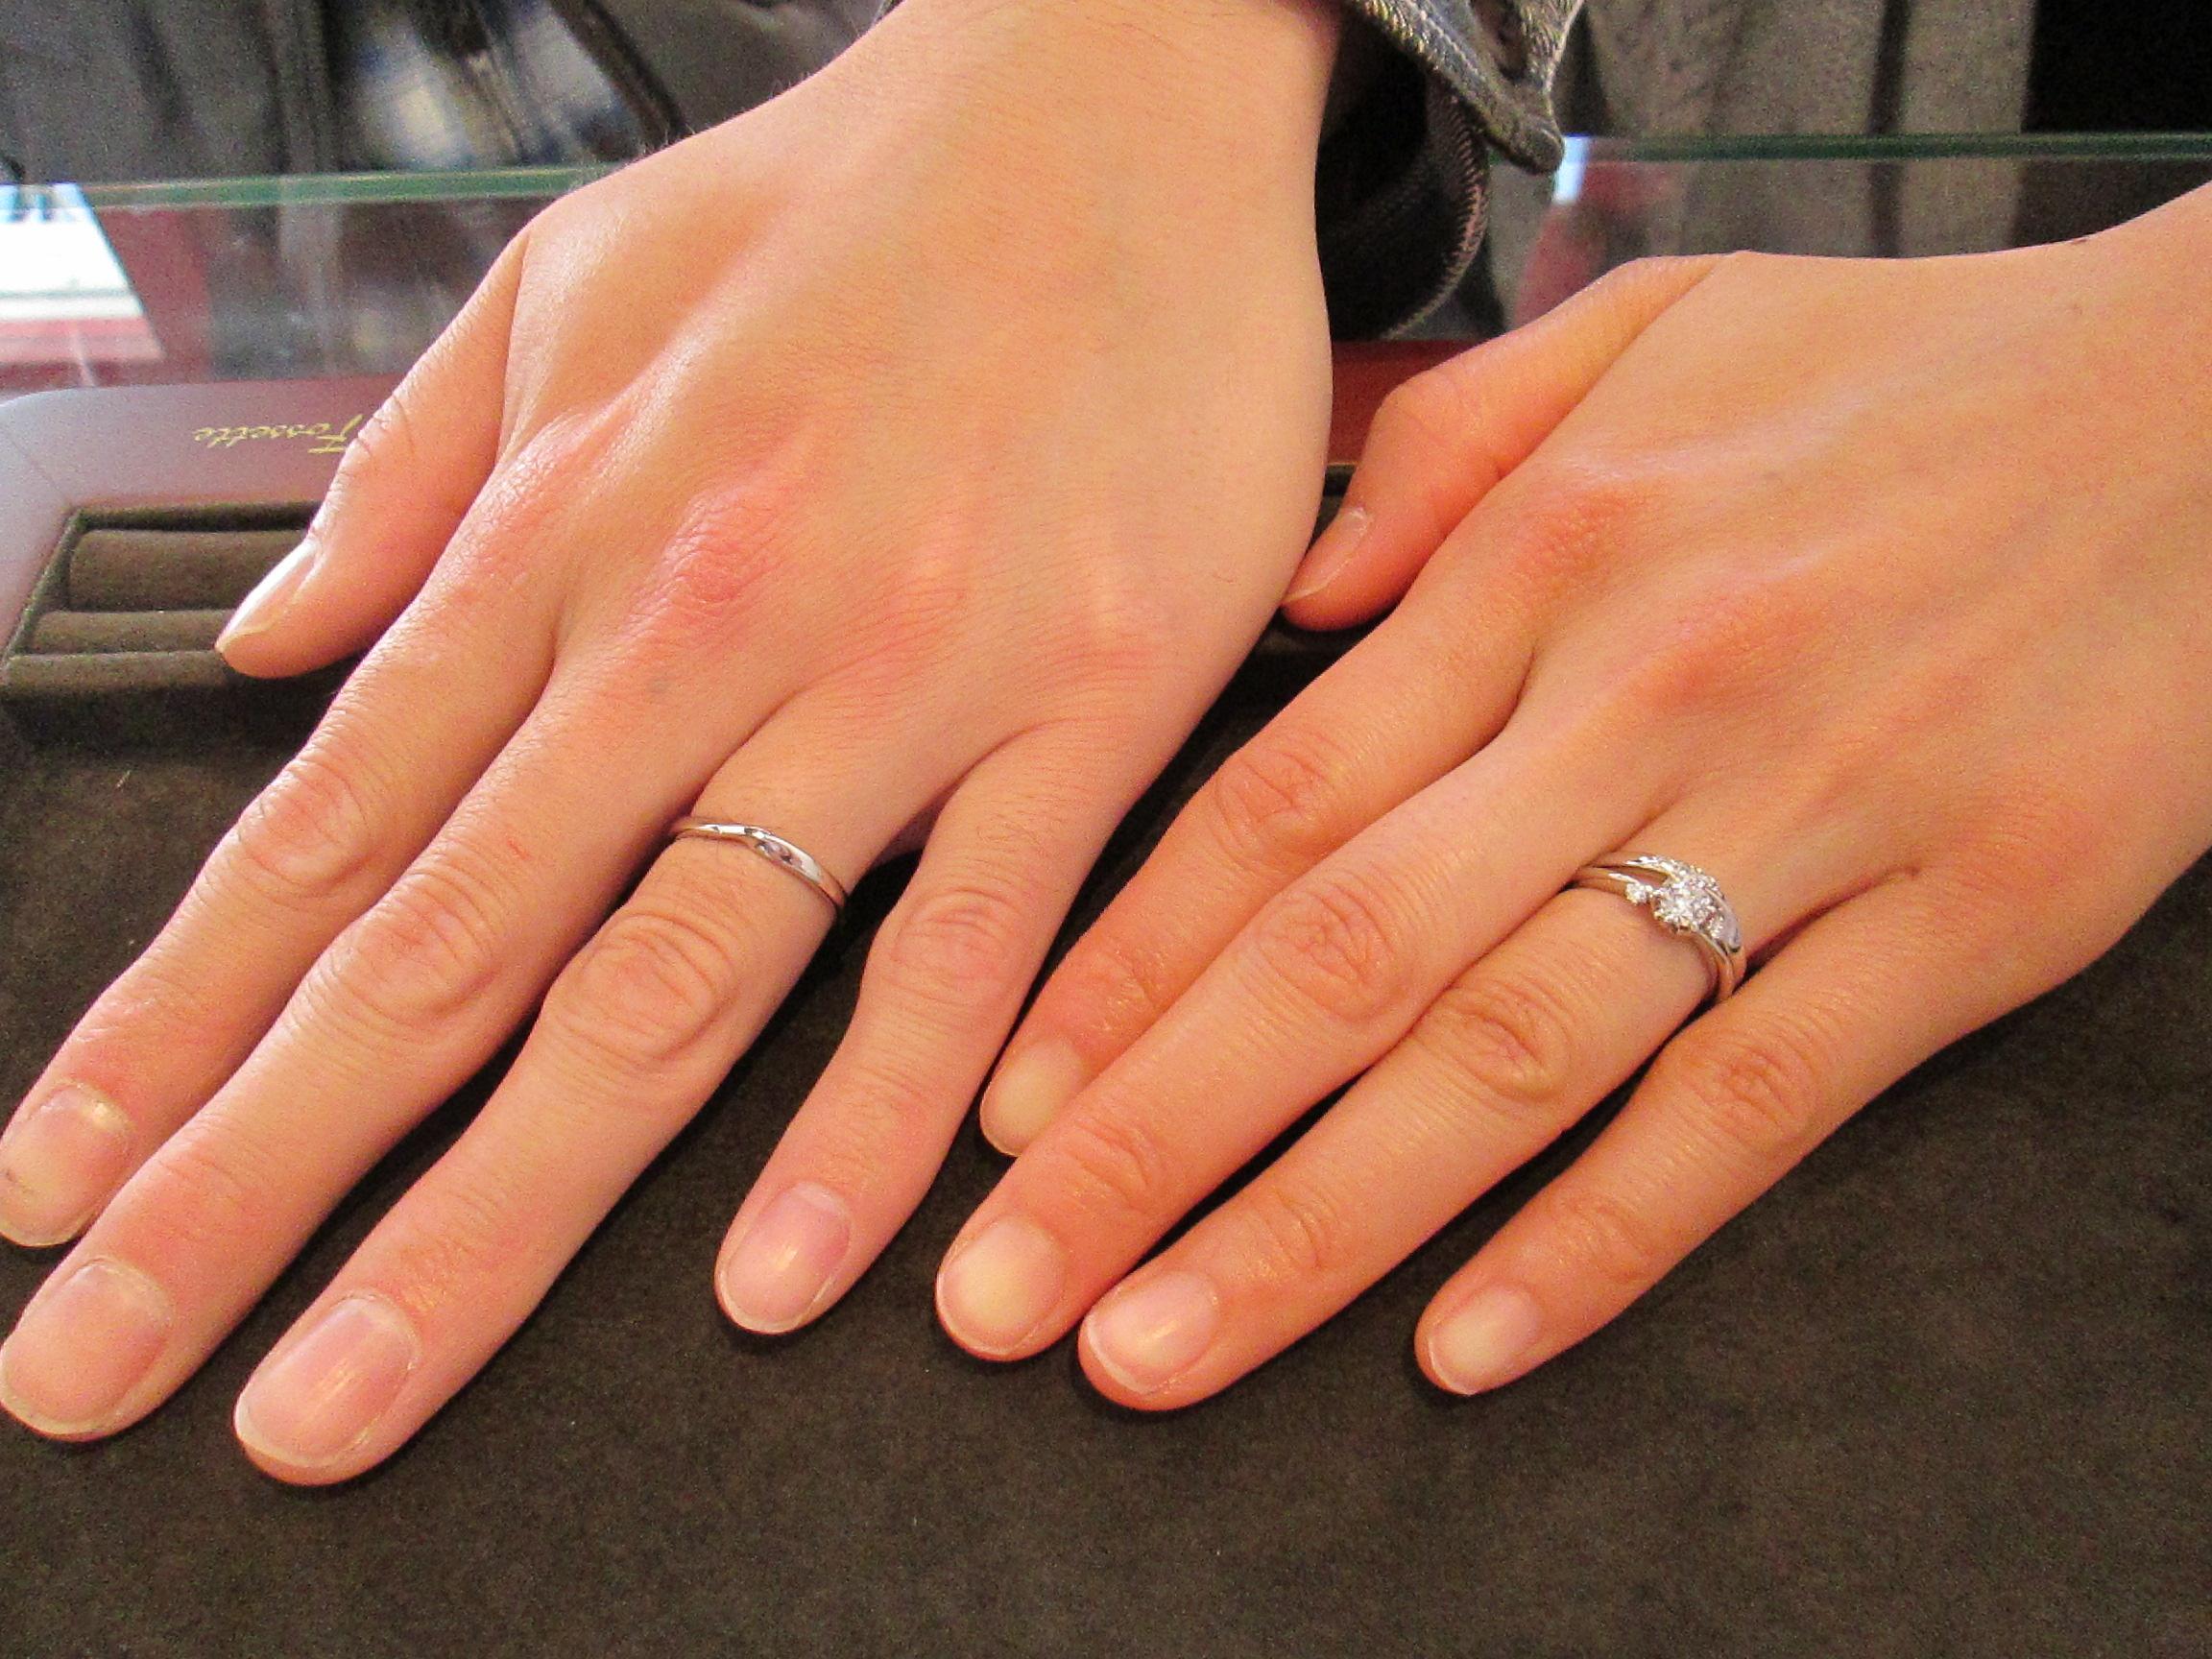 「婚約指輪&結婚指輪の重ねづけ」にこだわって、さまざまなリングを試着していた新婦さま。新郎さまはその様子をニコニコと見守っていらっしゃり、仲の良さや幸せが